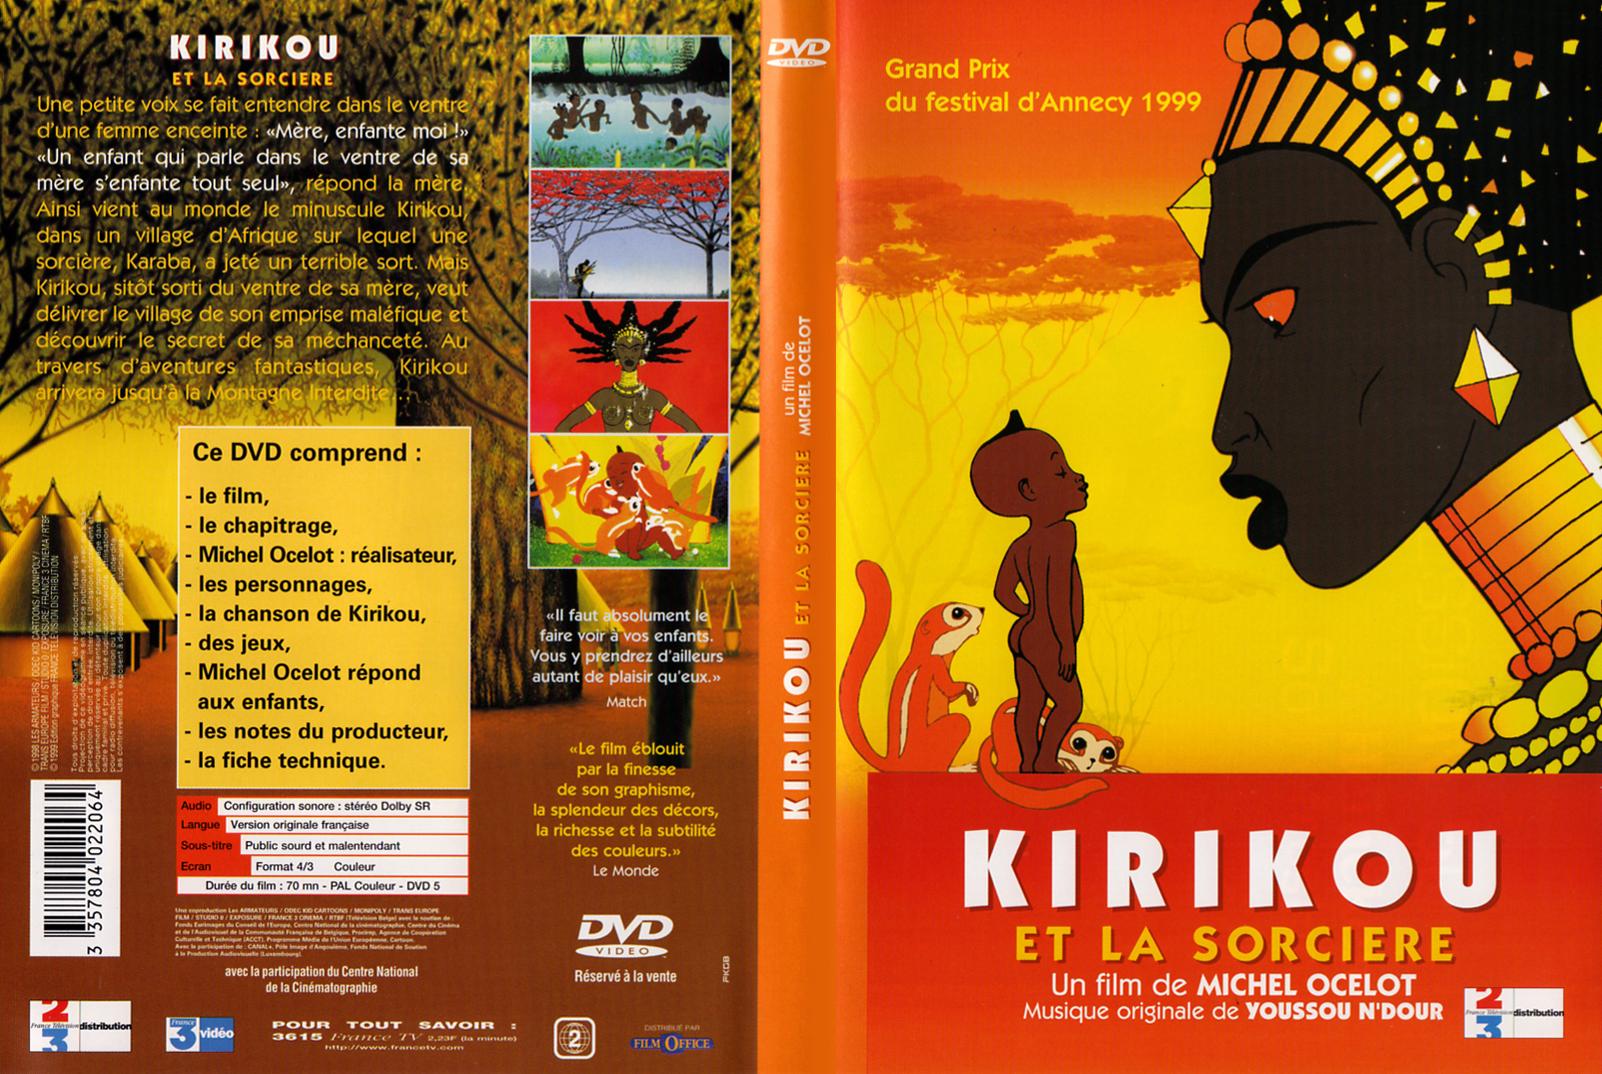 Couv DVD de Kirikou et la sorcière